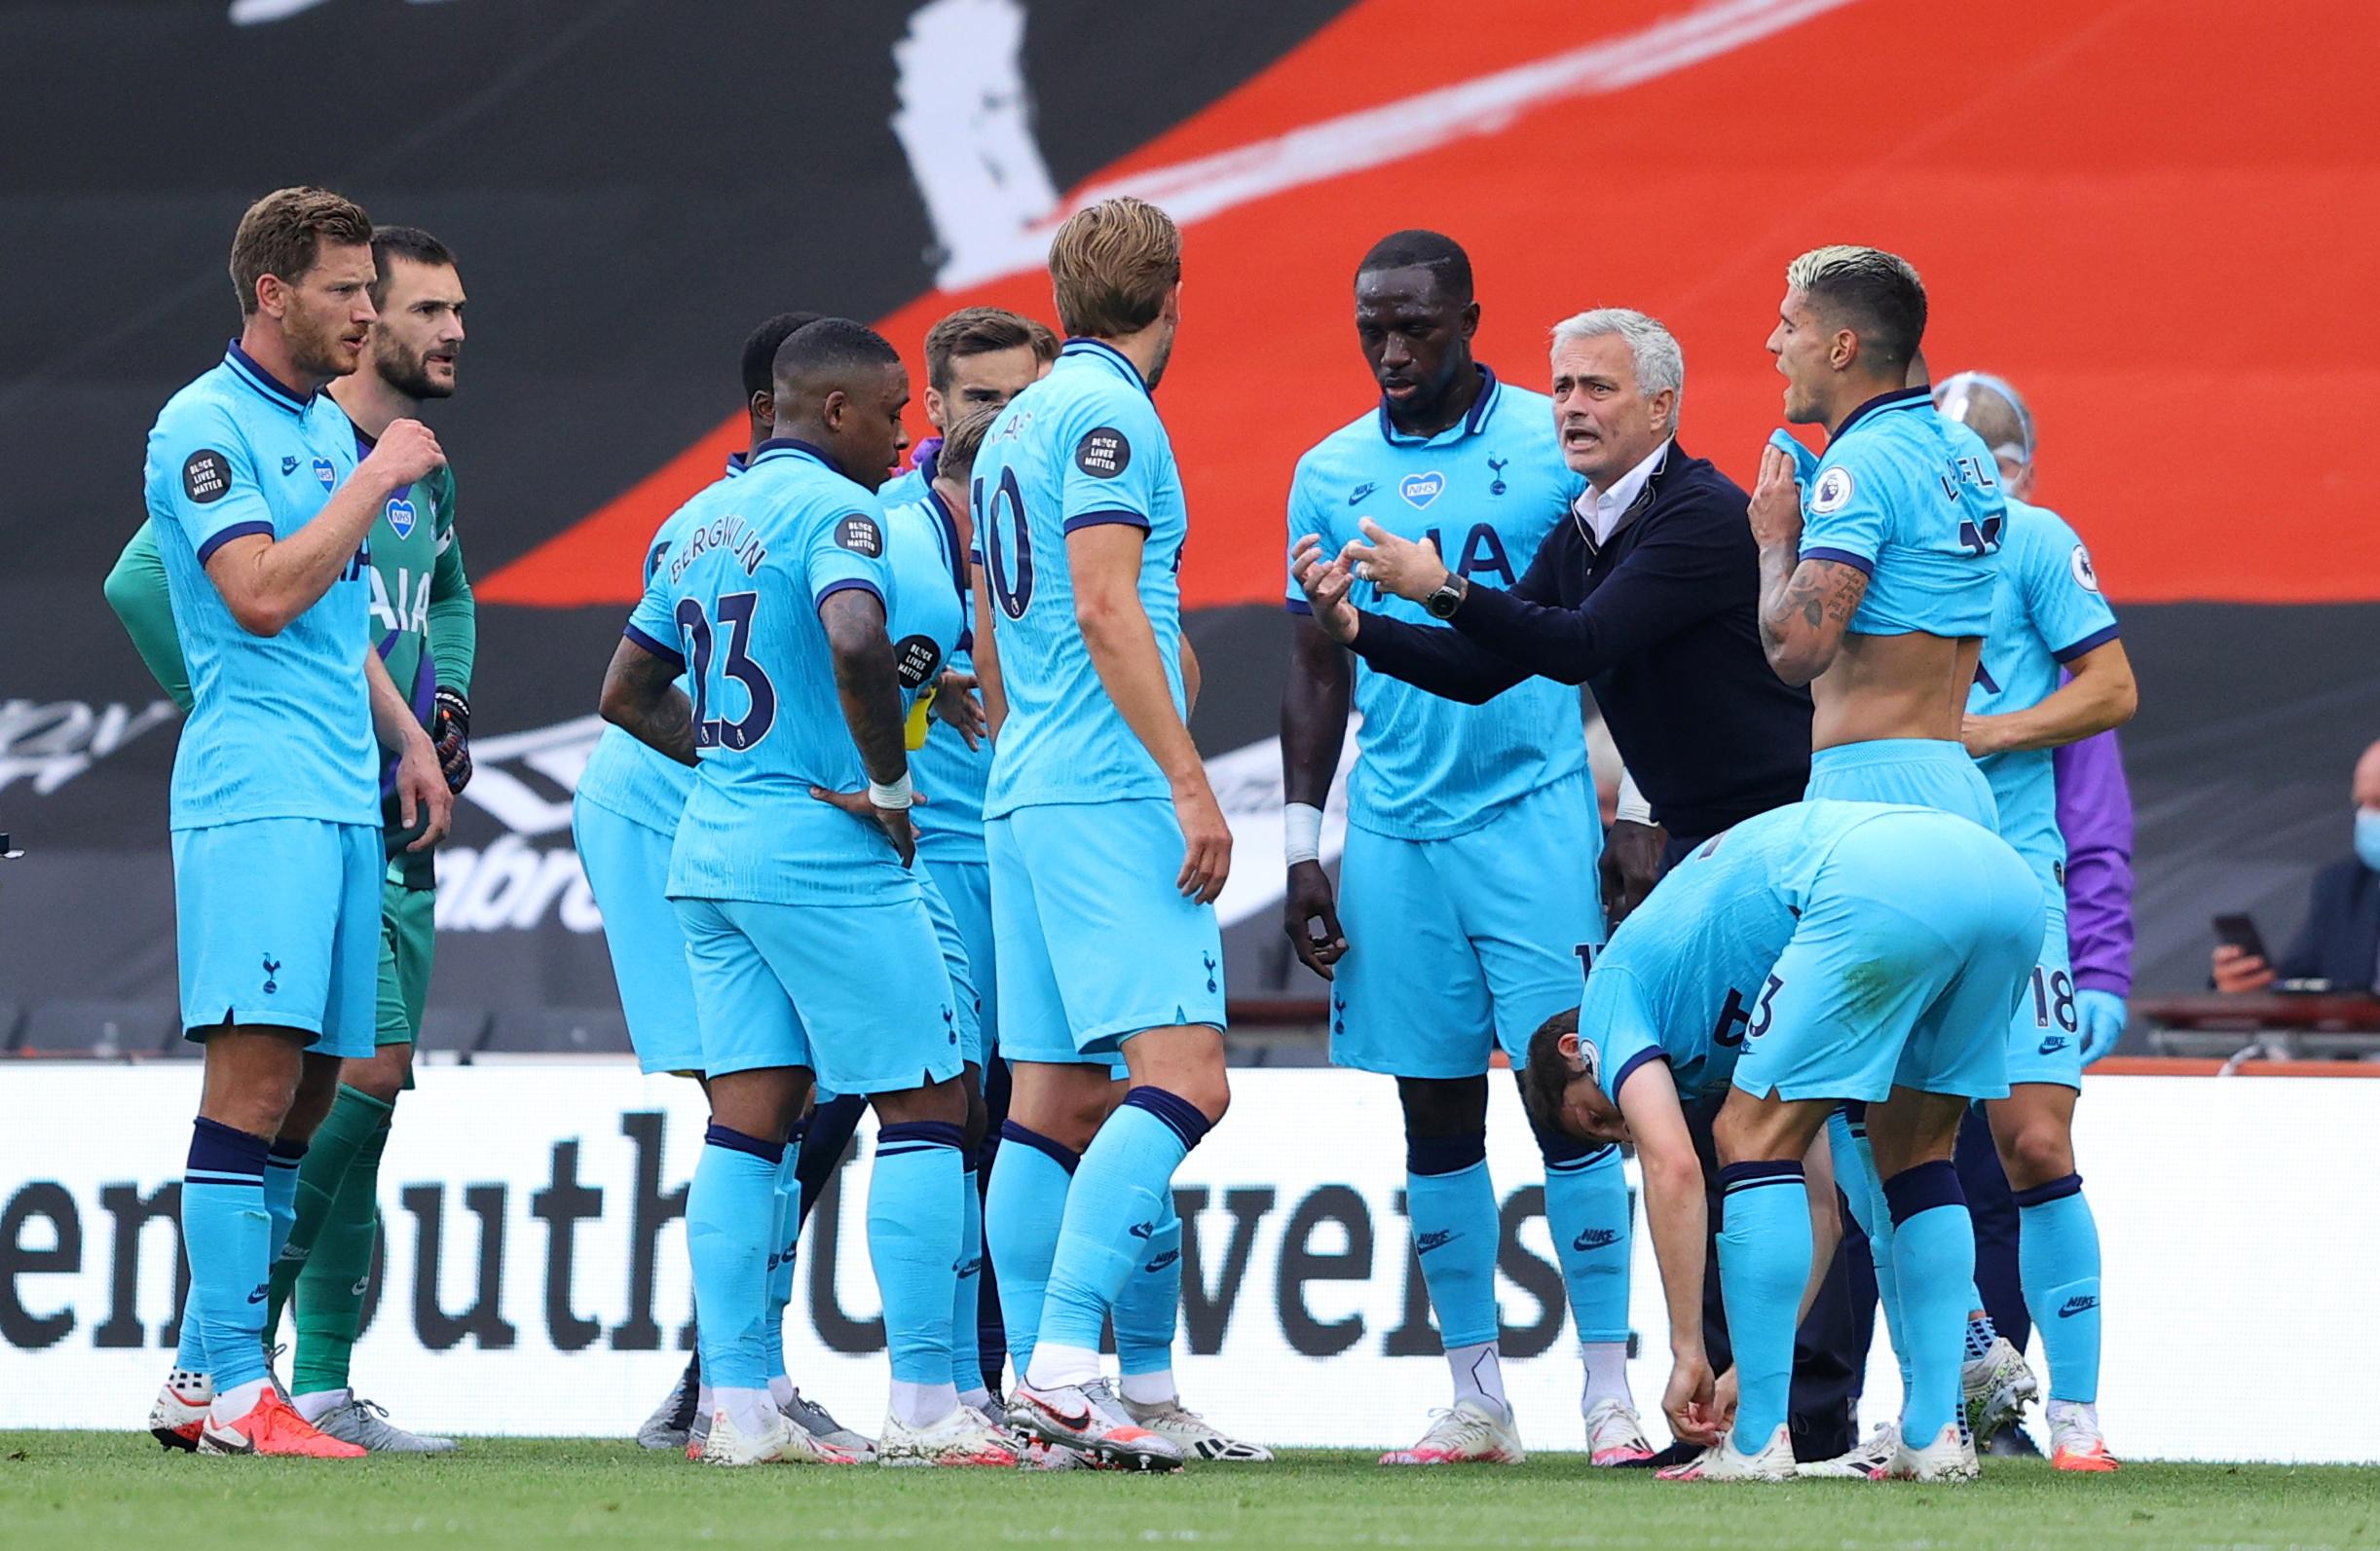 Η Τότεναμ του Μουρίνιο δεν έκανε ούτε τελική κόντρα στη 18η ομάδα της Premier League (vid, pic)